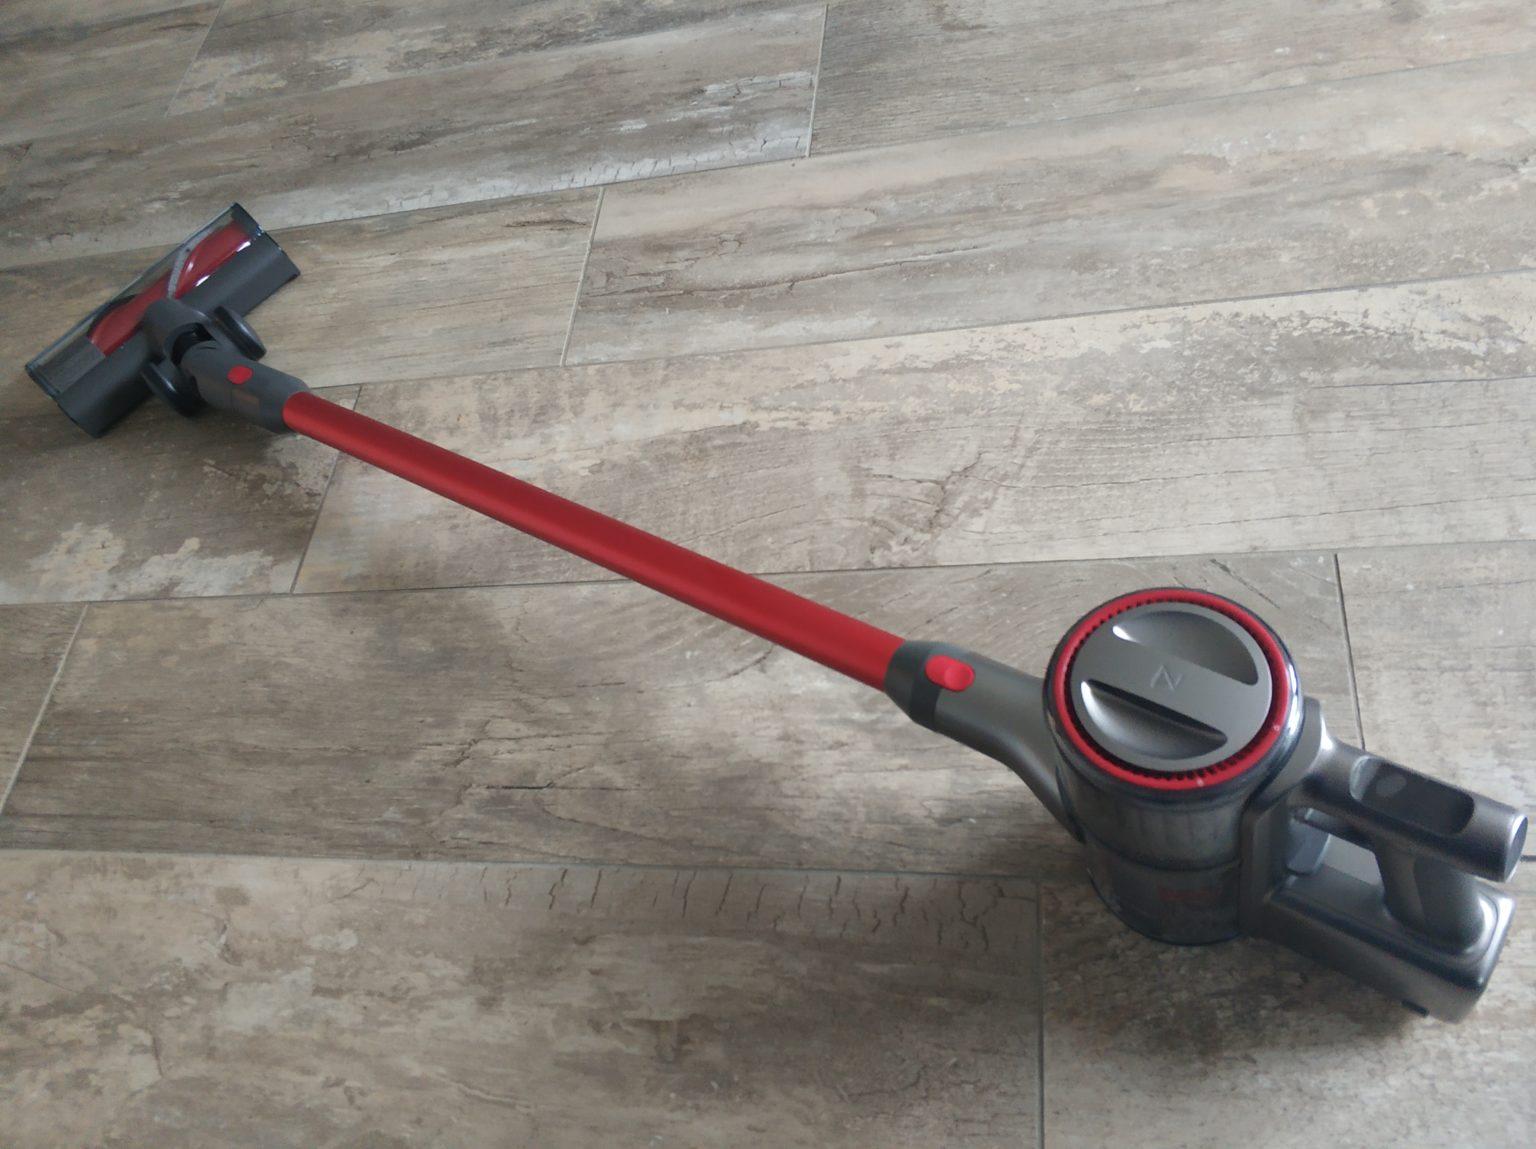 aspiradora inalámbrica Roborock H6 en el suelo